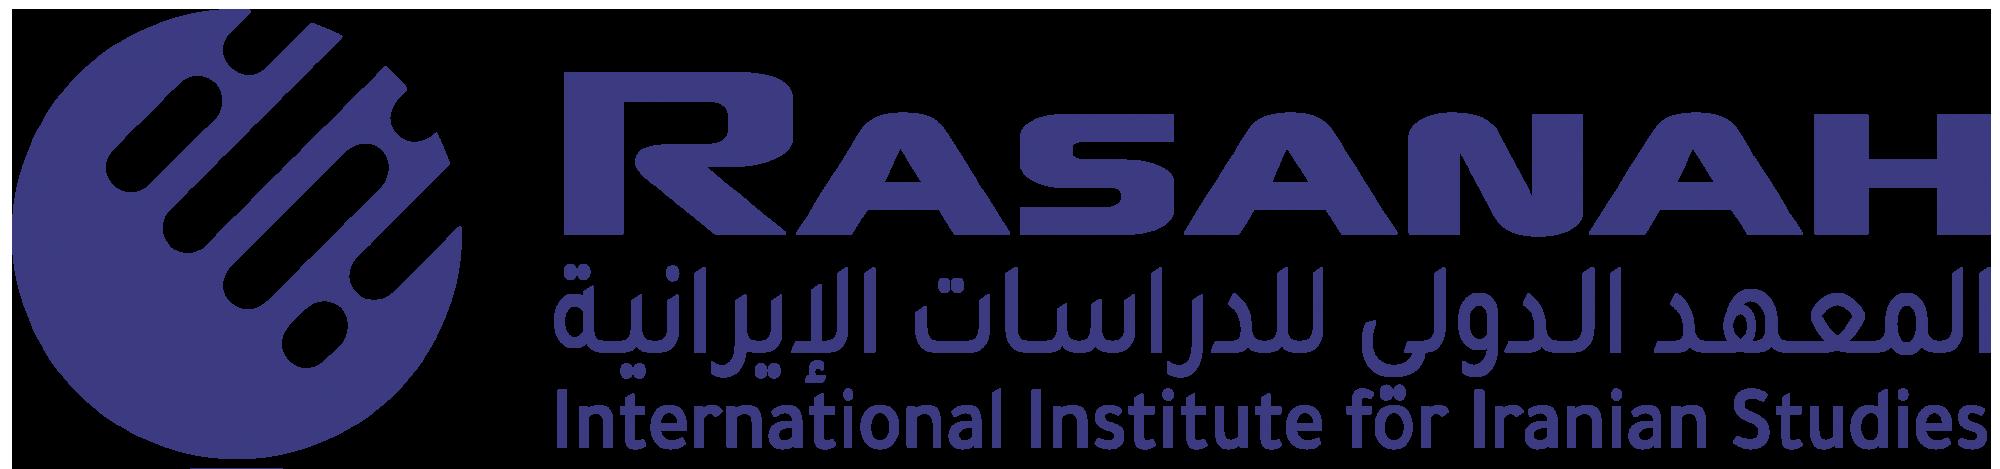 المعهد الدولي للدراسات الإيرانية